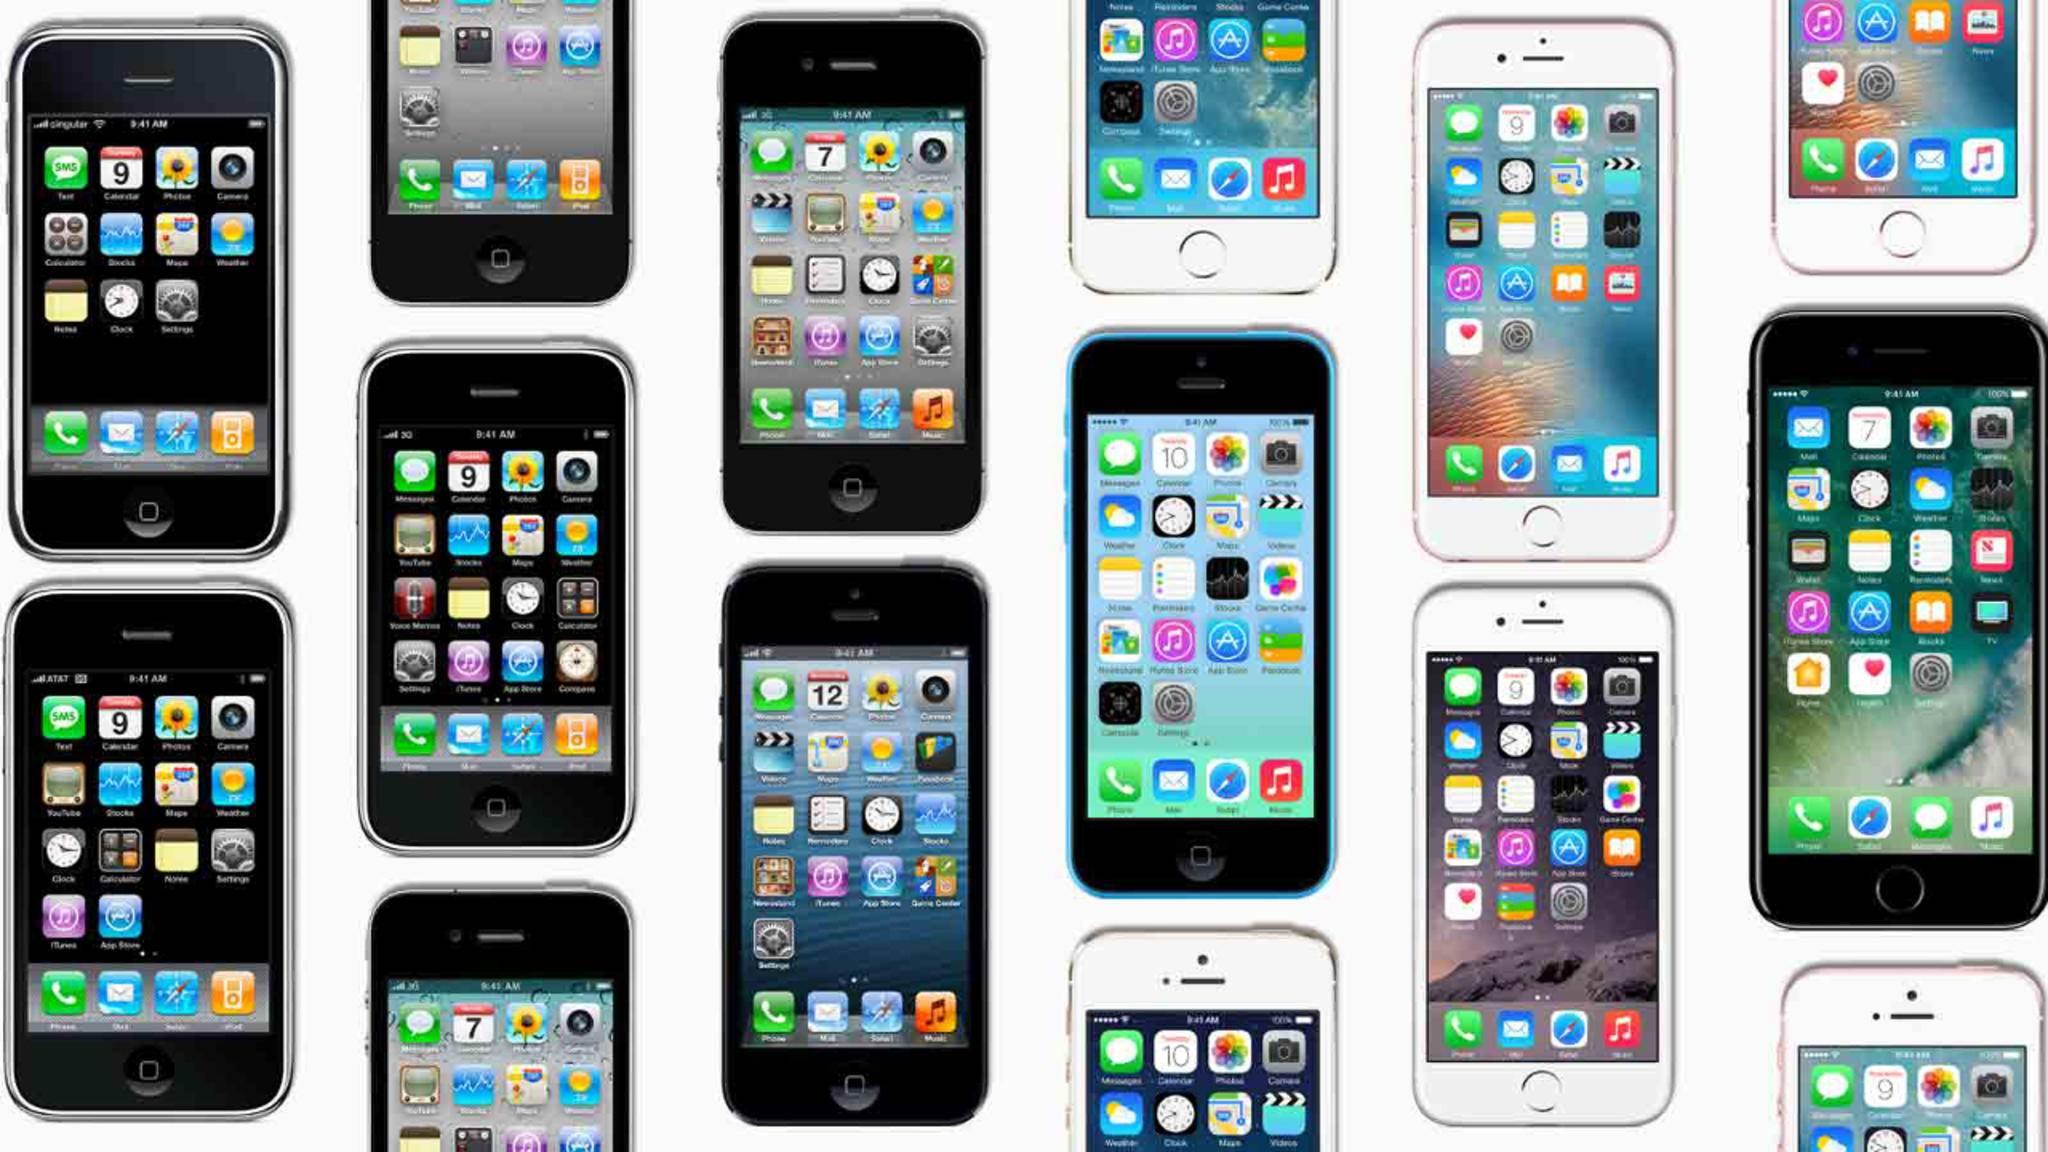 Das iPhone hat im Laufe der Jahre einen deutlichen Wandel durchgemacht.